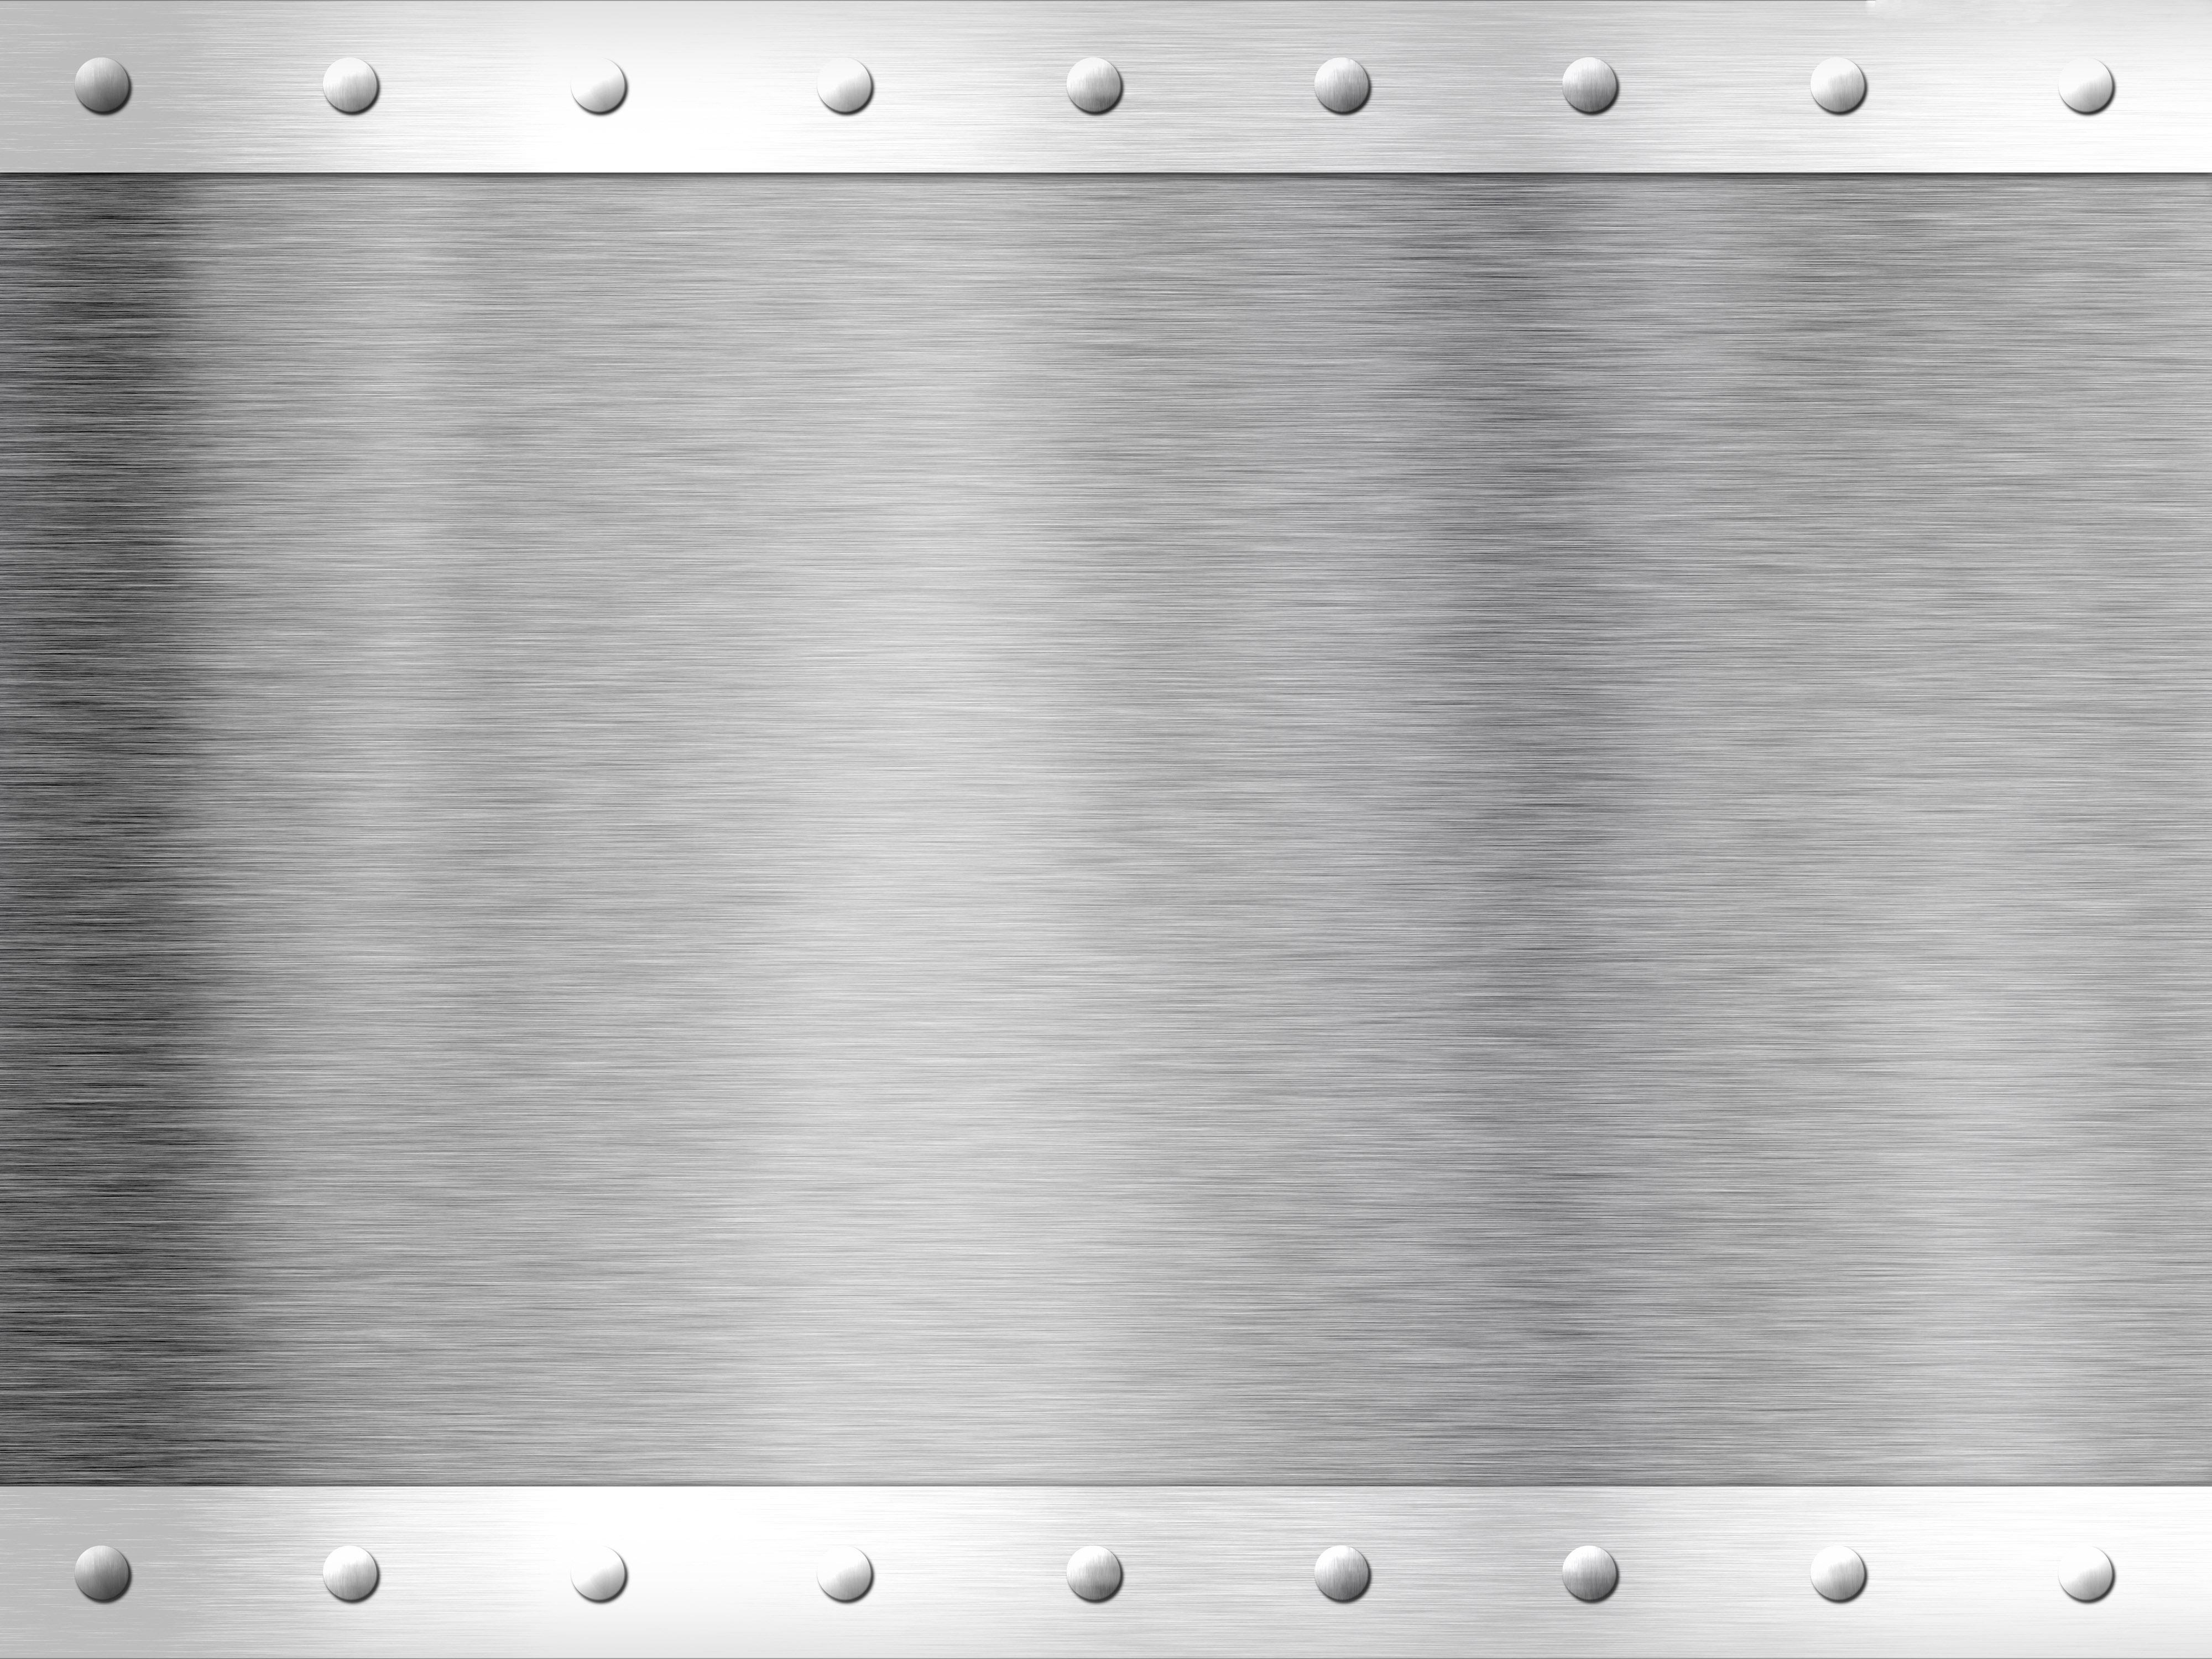 алюминий, скачать фото, обои для рабочего стола, металл